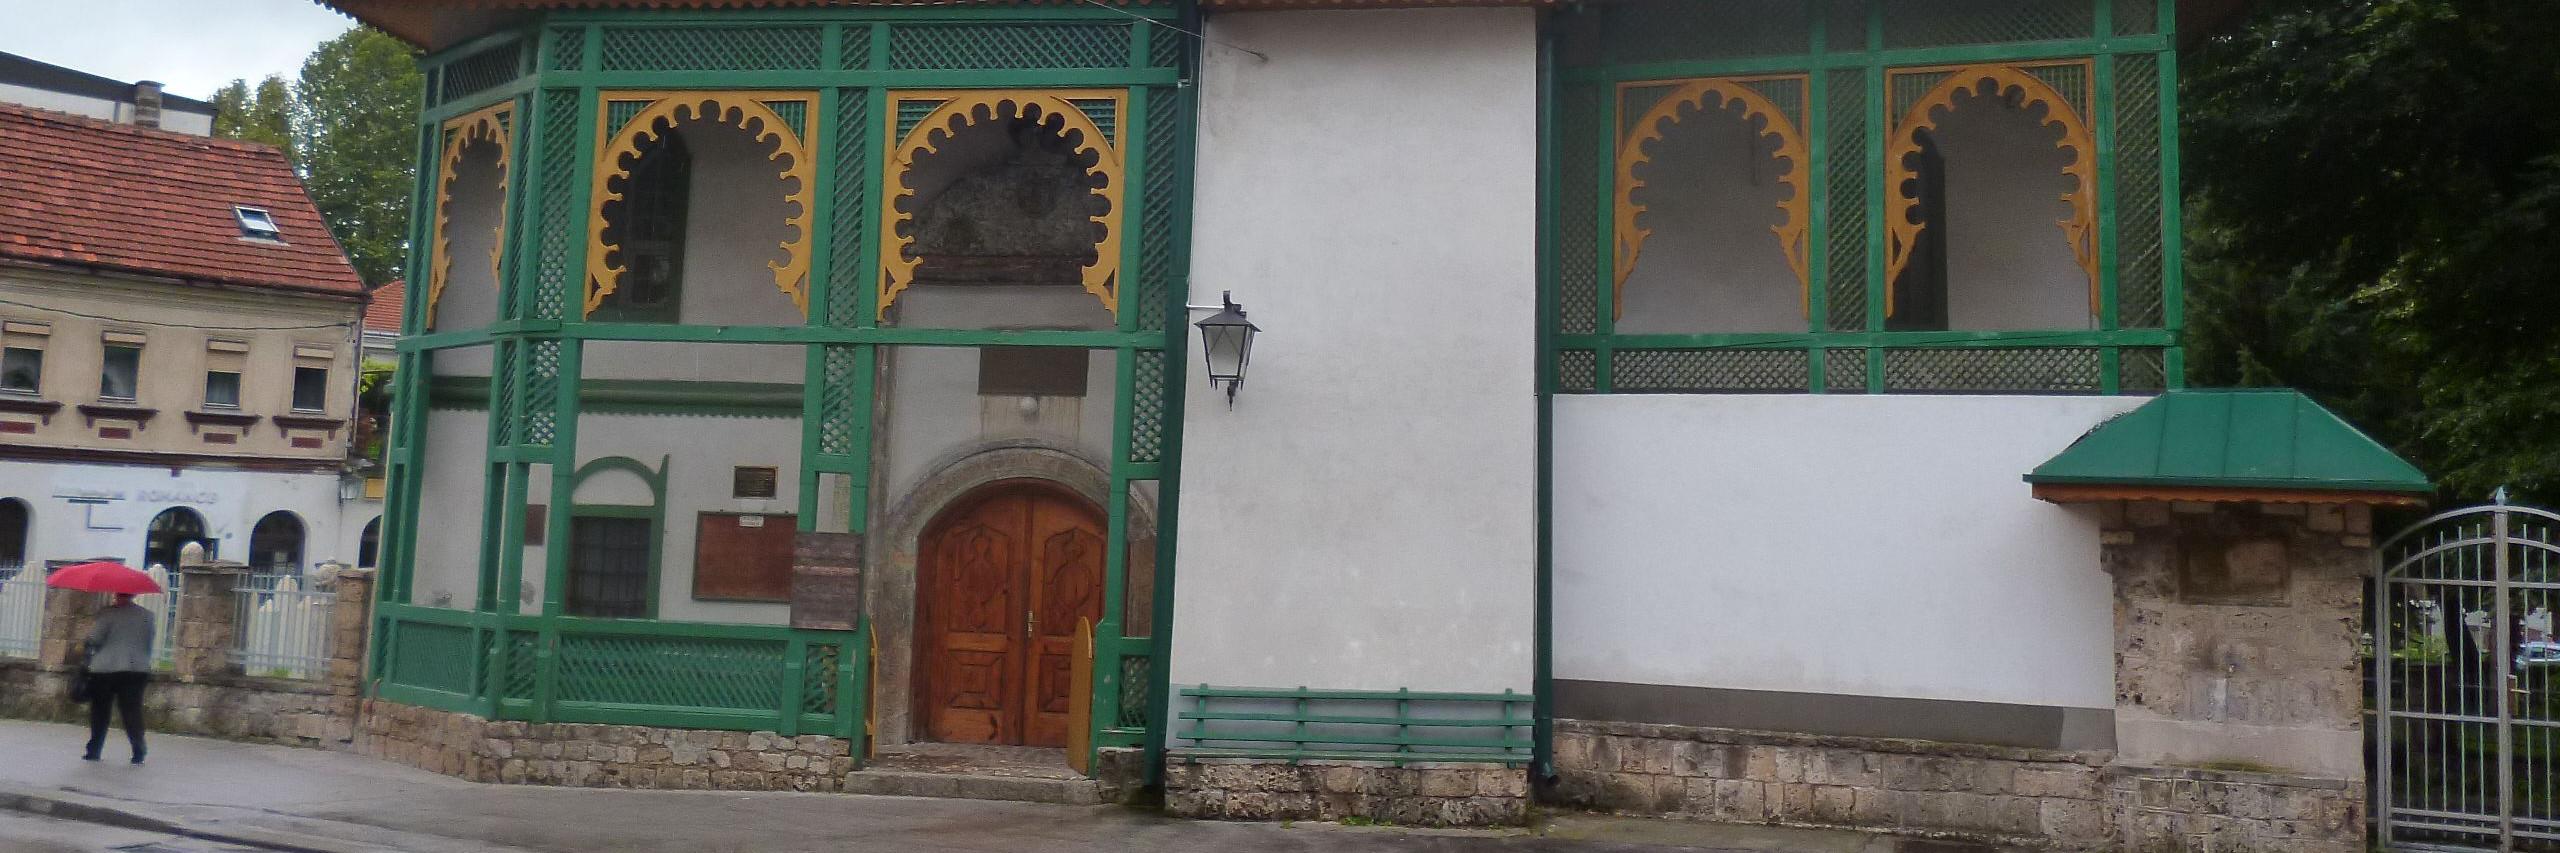 Мечеть Хаджи Али-бега